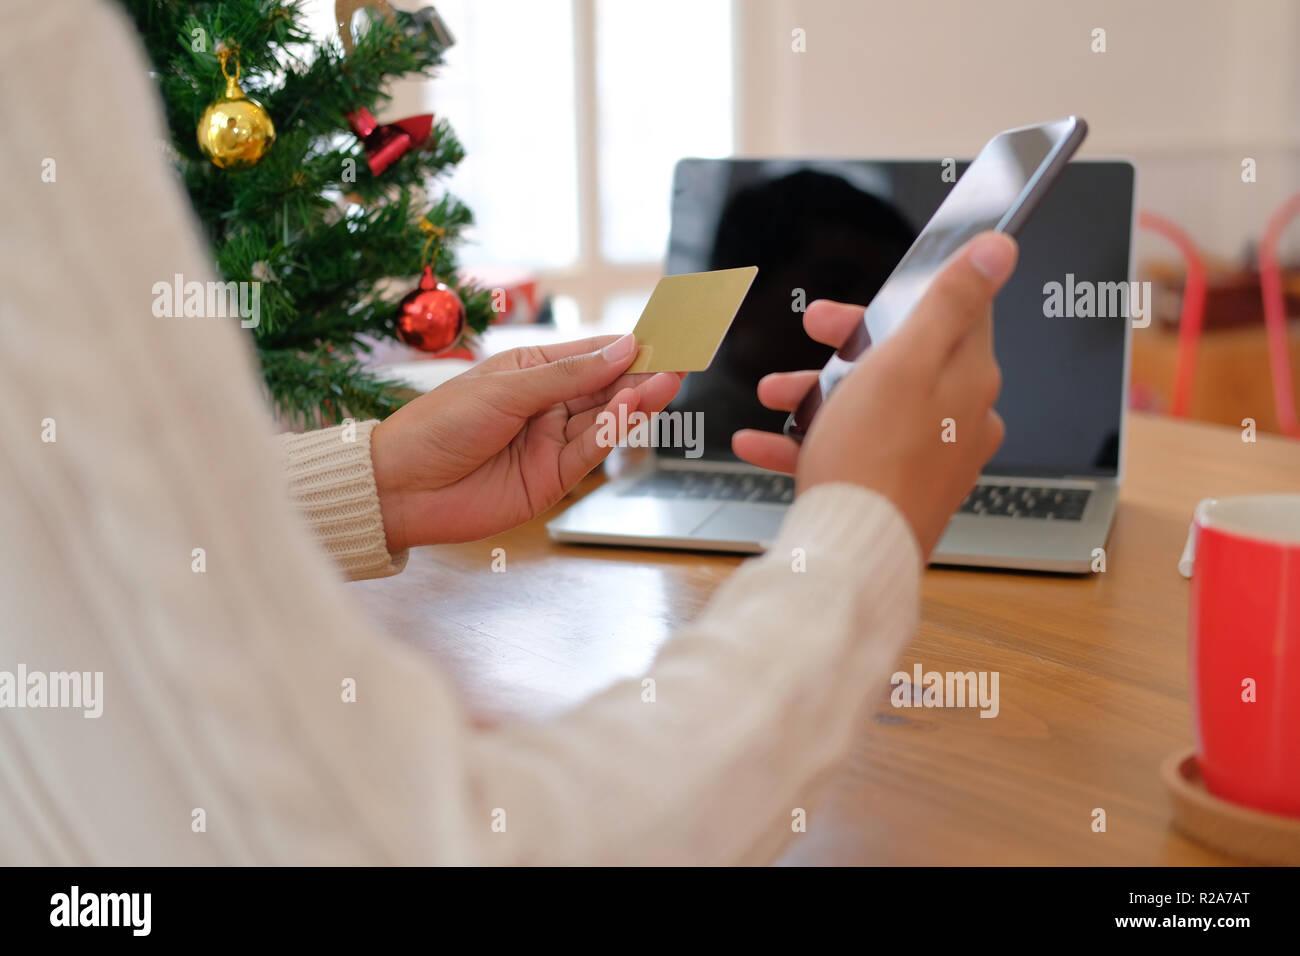 Hacer Felicitaciones De Navidad Por Internet.Hombre Con Tarjeta De Credito Y De Telefono Inteligente Para